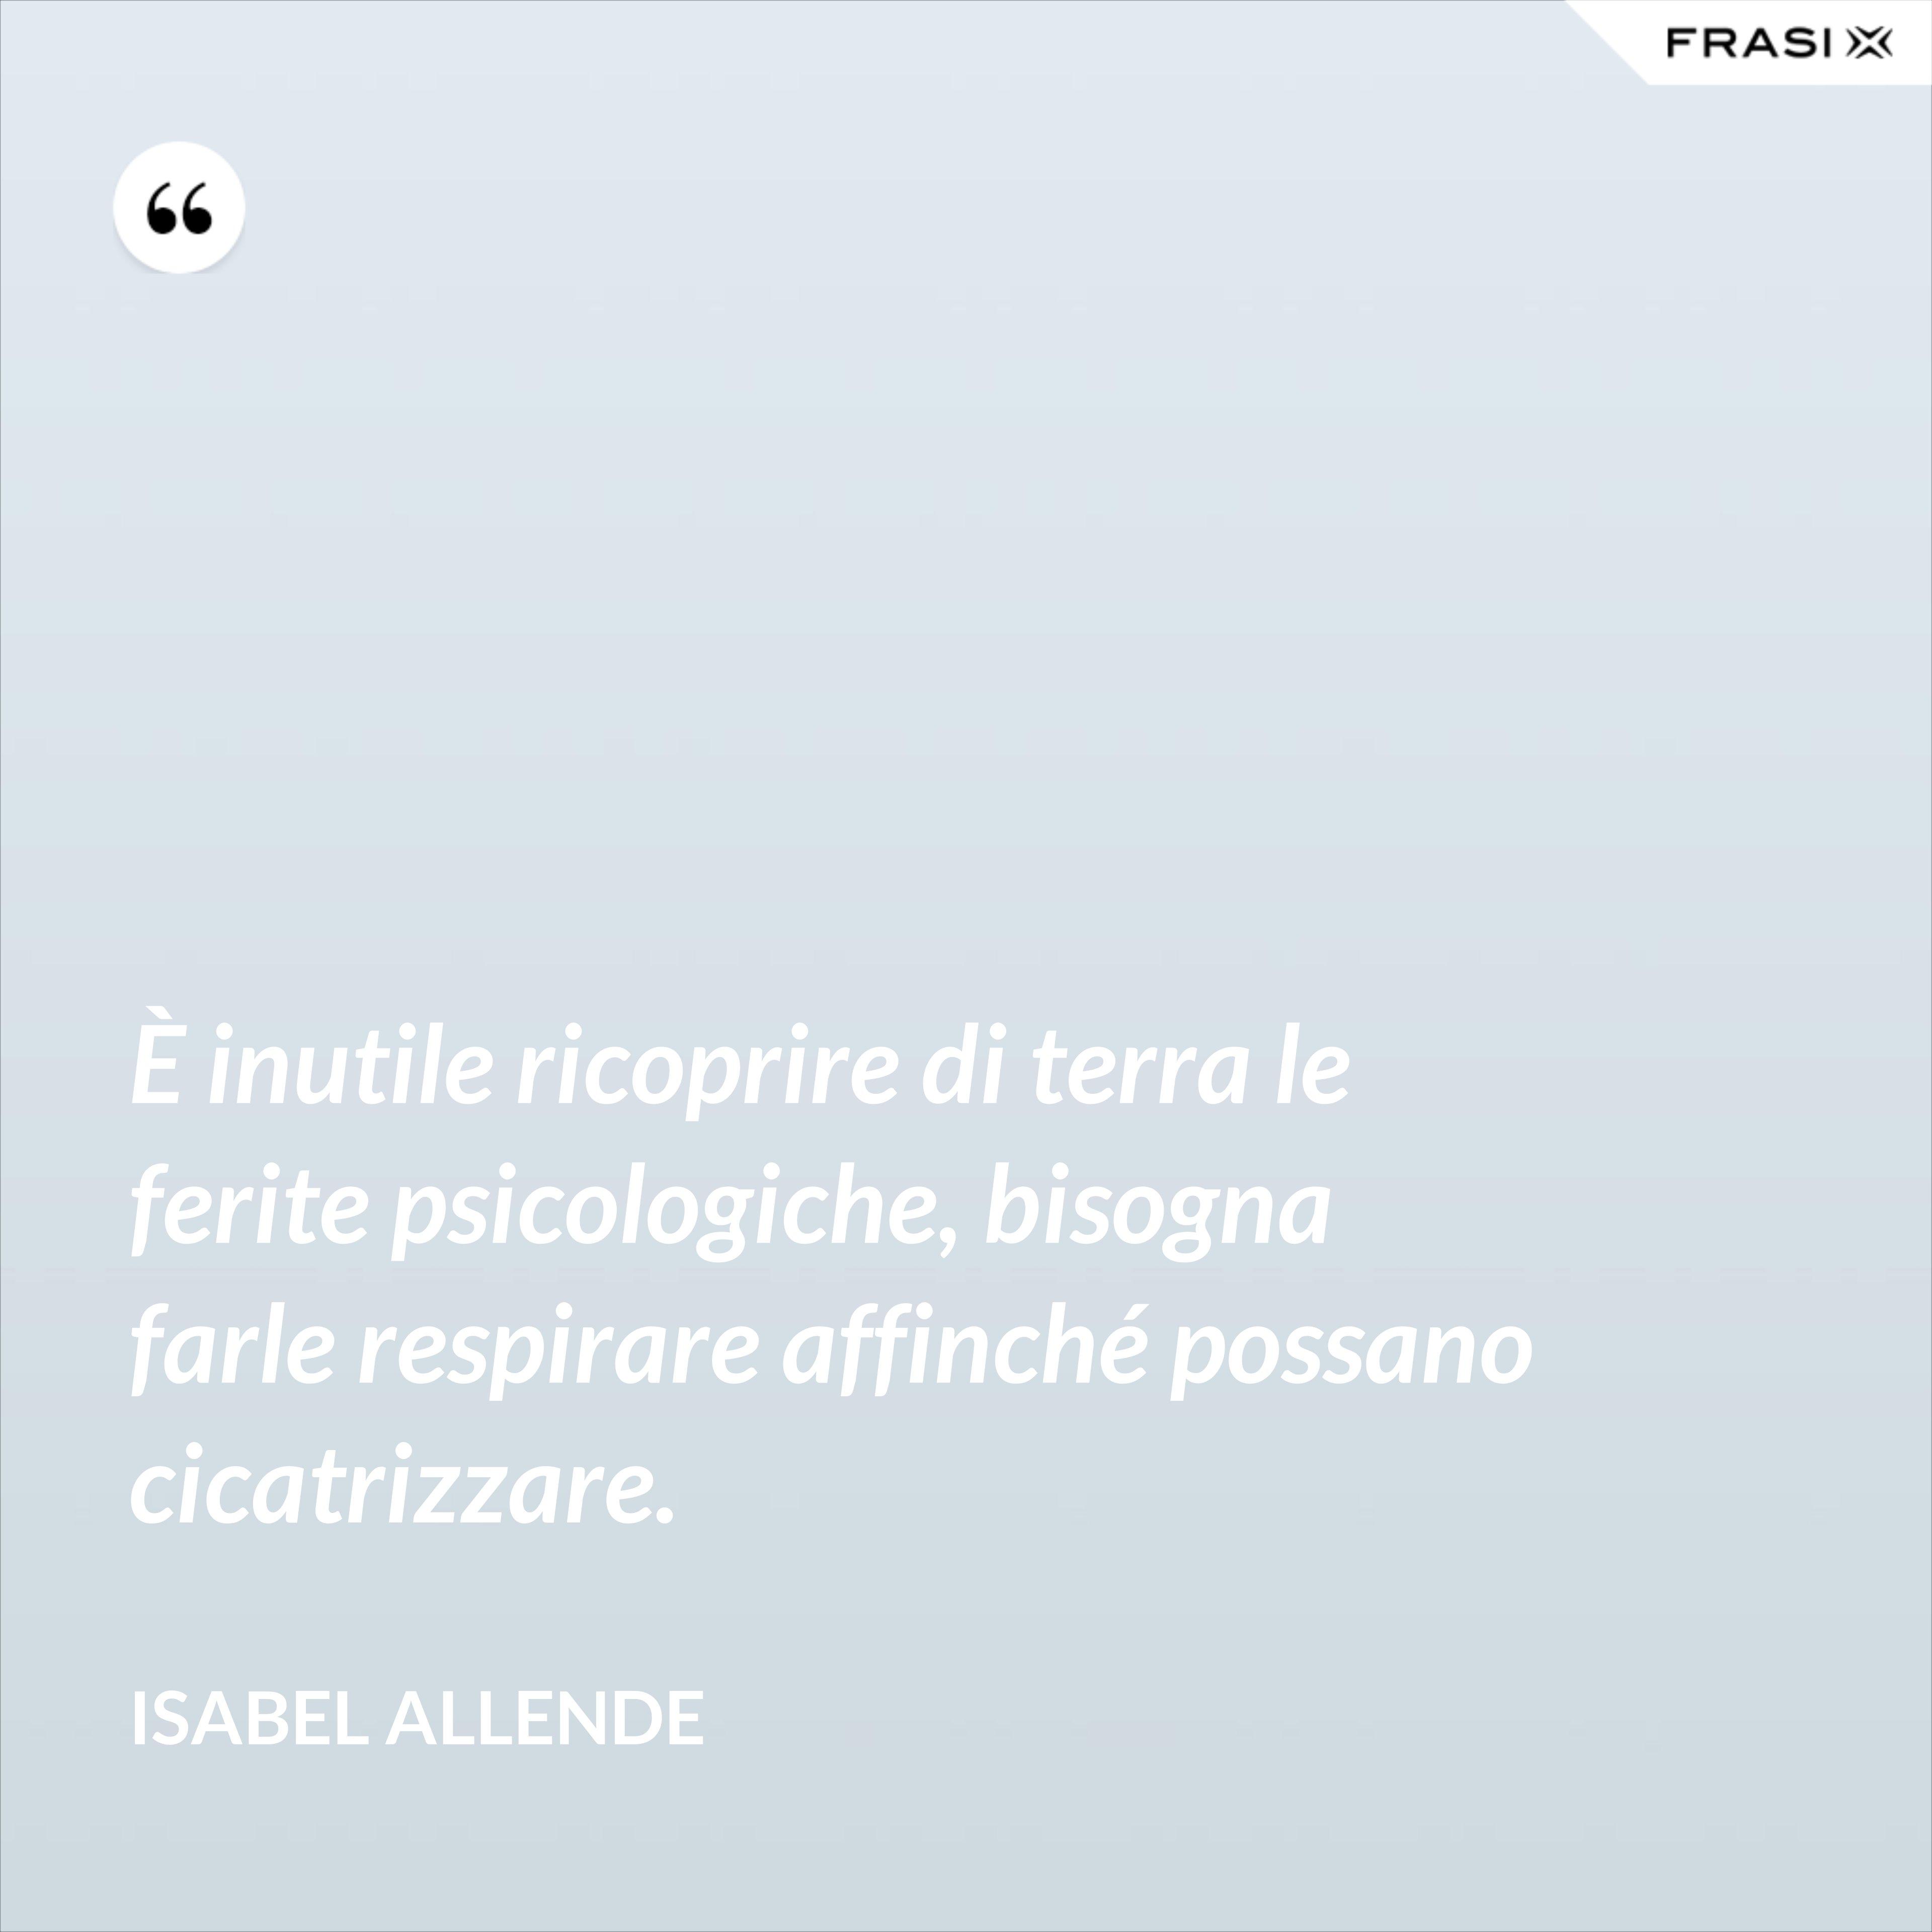 È inutile ricoprire di terra le ferite psicologiche, bisogna farle respirare affinché possano cicatrizzare. - Isabel Allende